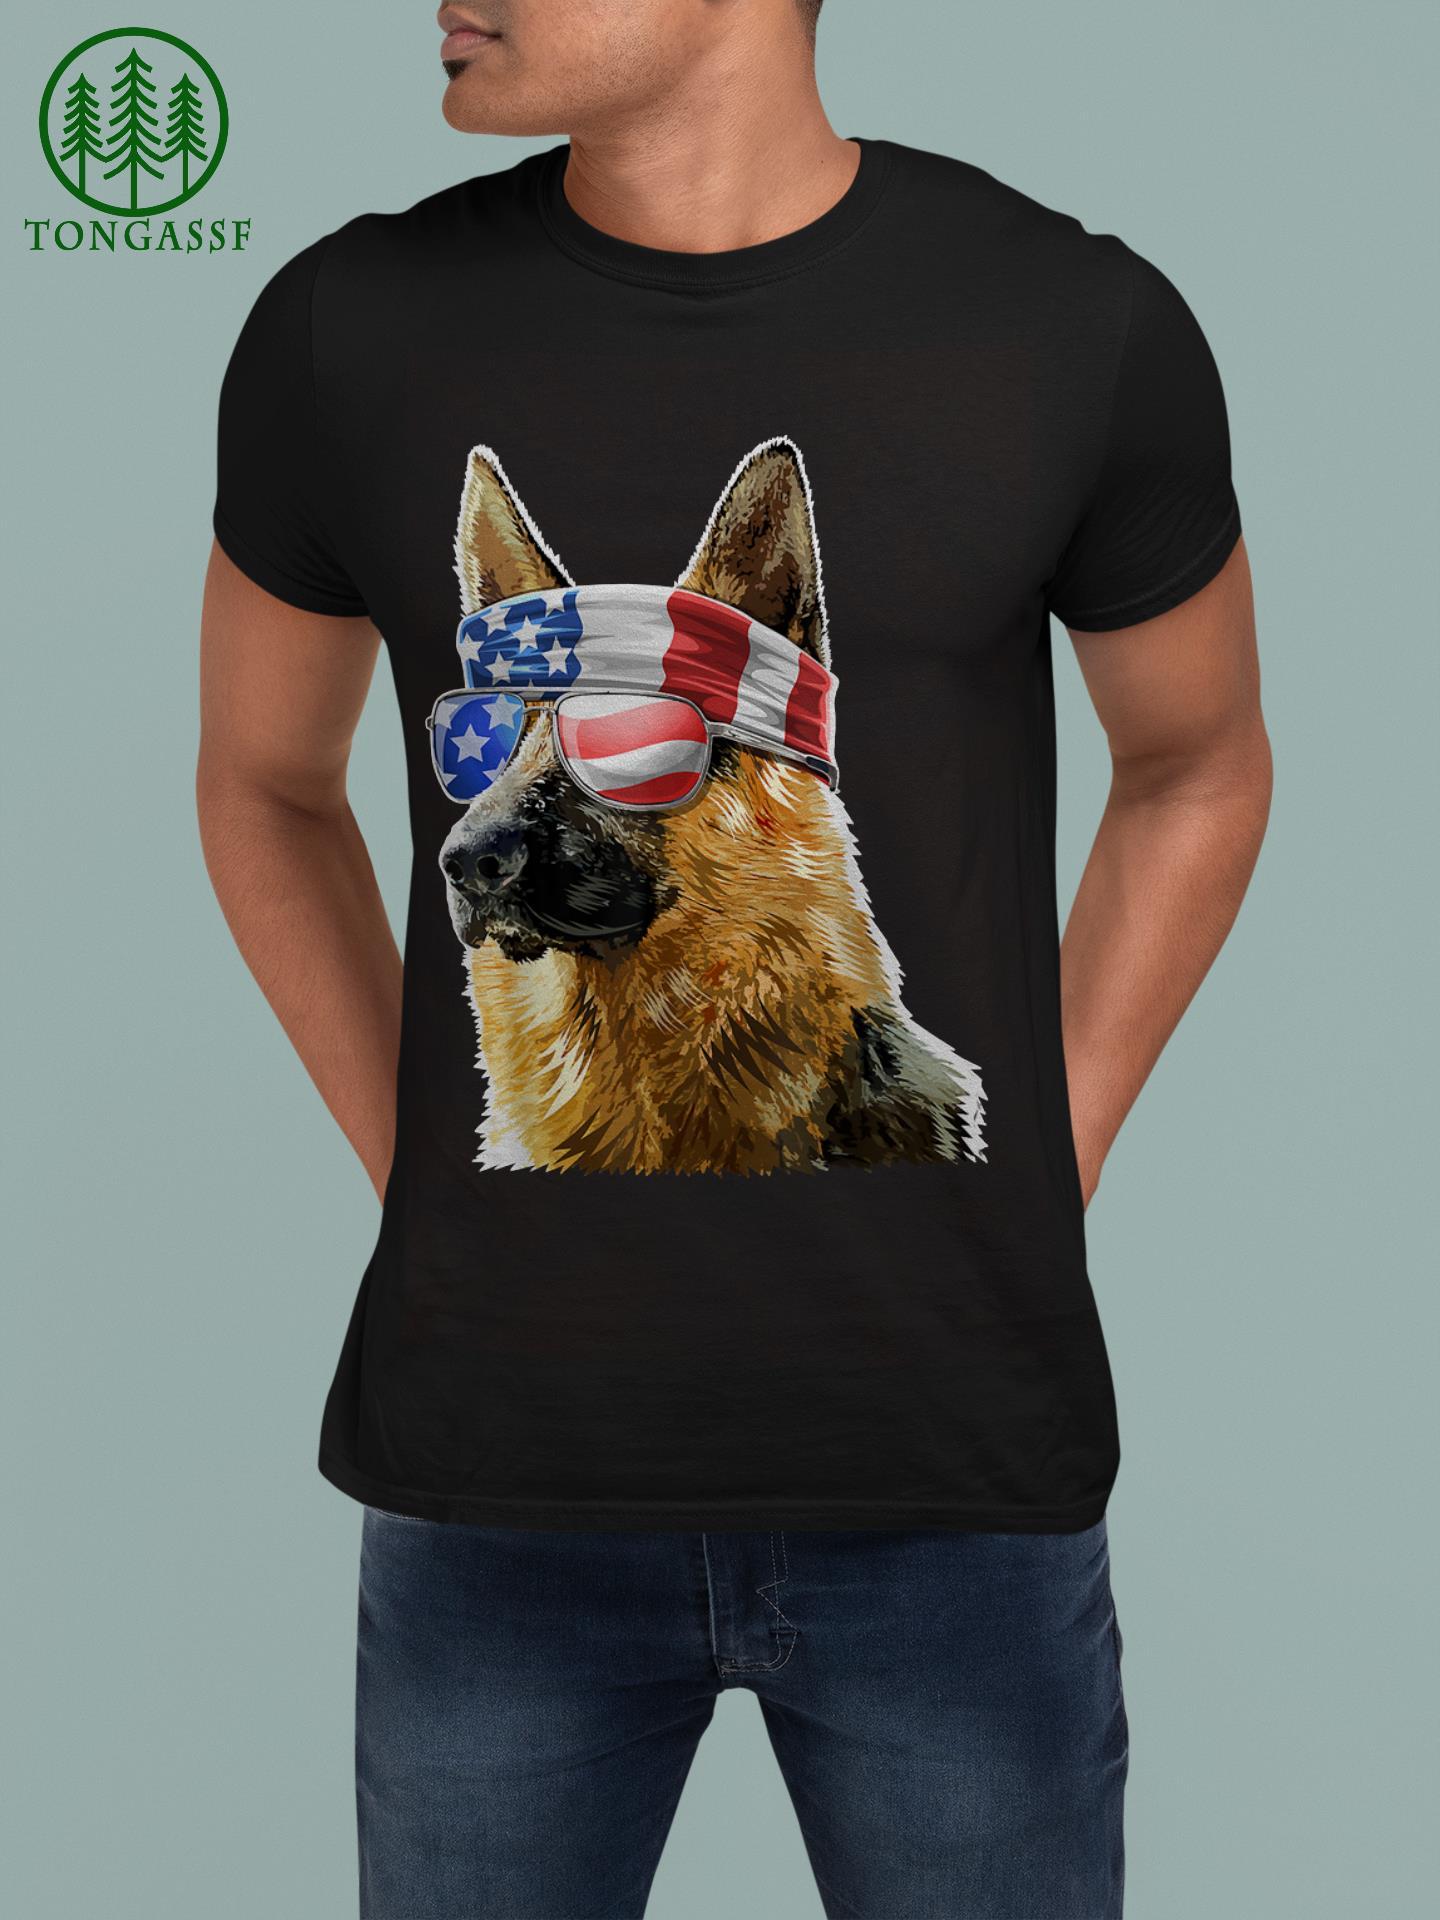 German Shepherd 4th of July Patriotic American Flag Shirt